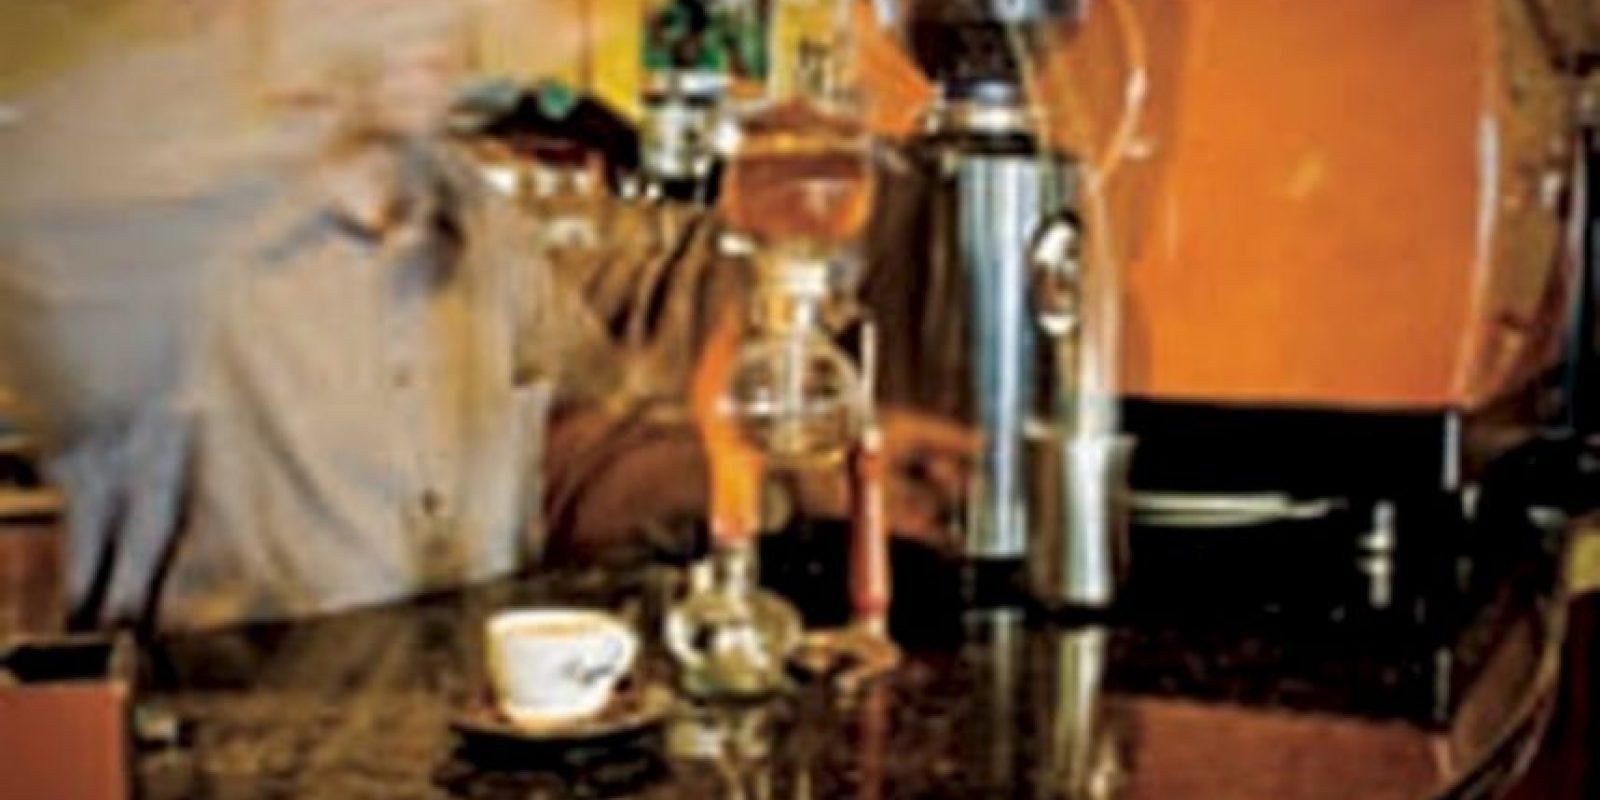 PRA SPCIALSTS. Rococó Café. El propietario de este lugar, Aquiles Gonzáles, dice que la calidad de un café depende en 80% de su barista. Este lugar ofrece una mezcla de cafés de Puebla y de la finca Casandra en Veracruz. Prueba su espresso doble macchiato. Parque España 29, Col. Condesa, Tel. 5256 3919 Foto:Rococó café/Foto: cortesía